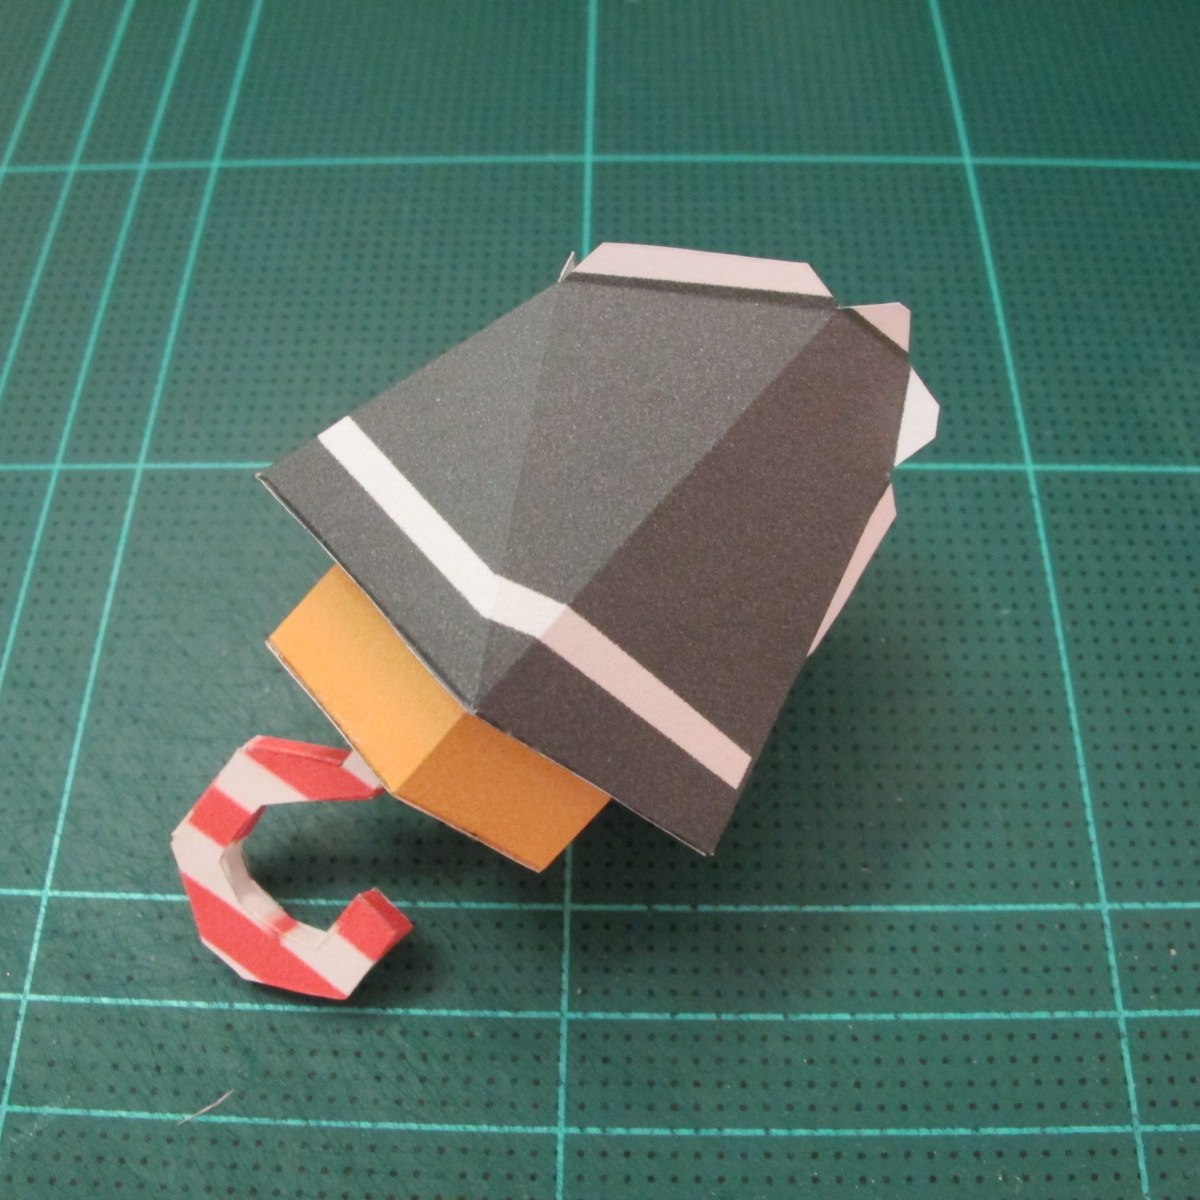 วิธีทำโมเดลกระดาษคุกกี้รัน คุกกี้รสโจรสลัด (Cookie Run Pirate Cookie Papercraft Model) 004